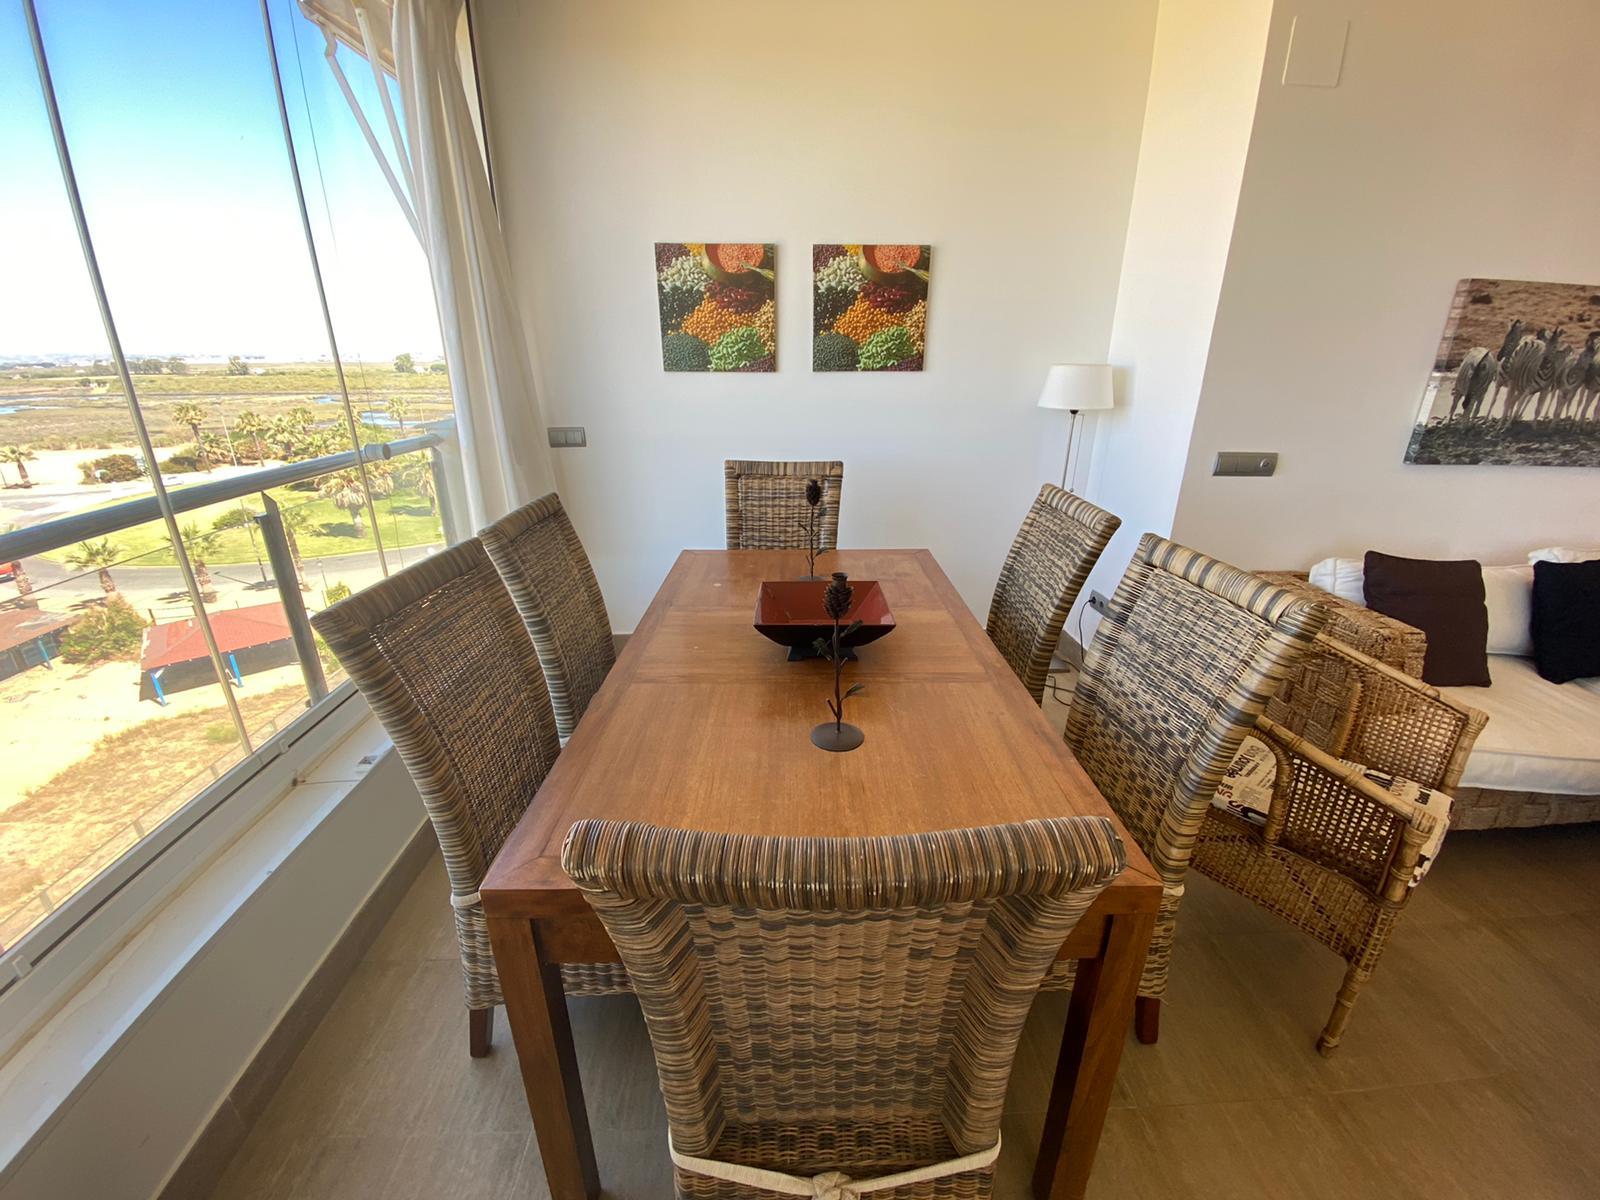 Imagen 4 del Apartamento Turístico, Ático 1 Poniente (3d+2b), Punta del Moral (HUELVA), Paseo de la Cruz nº22